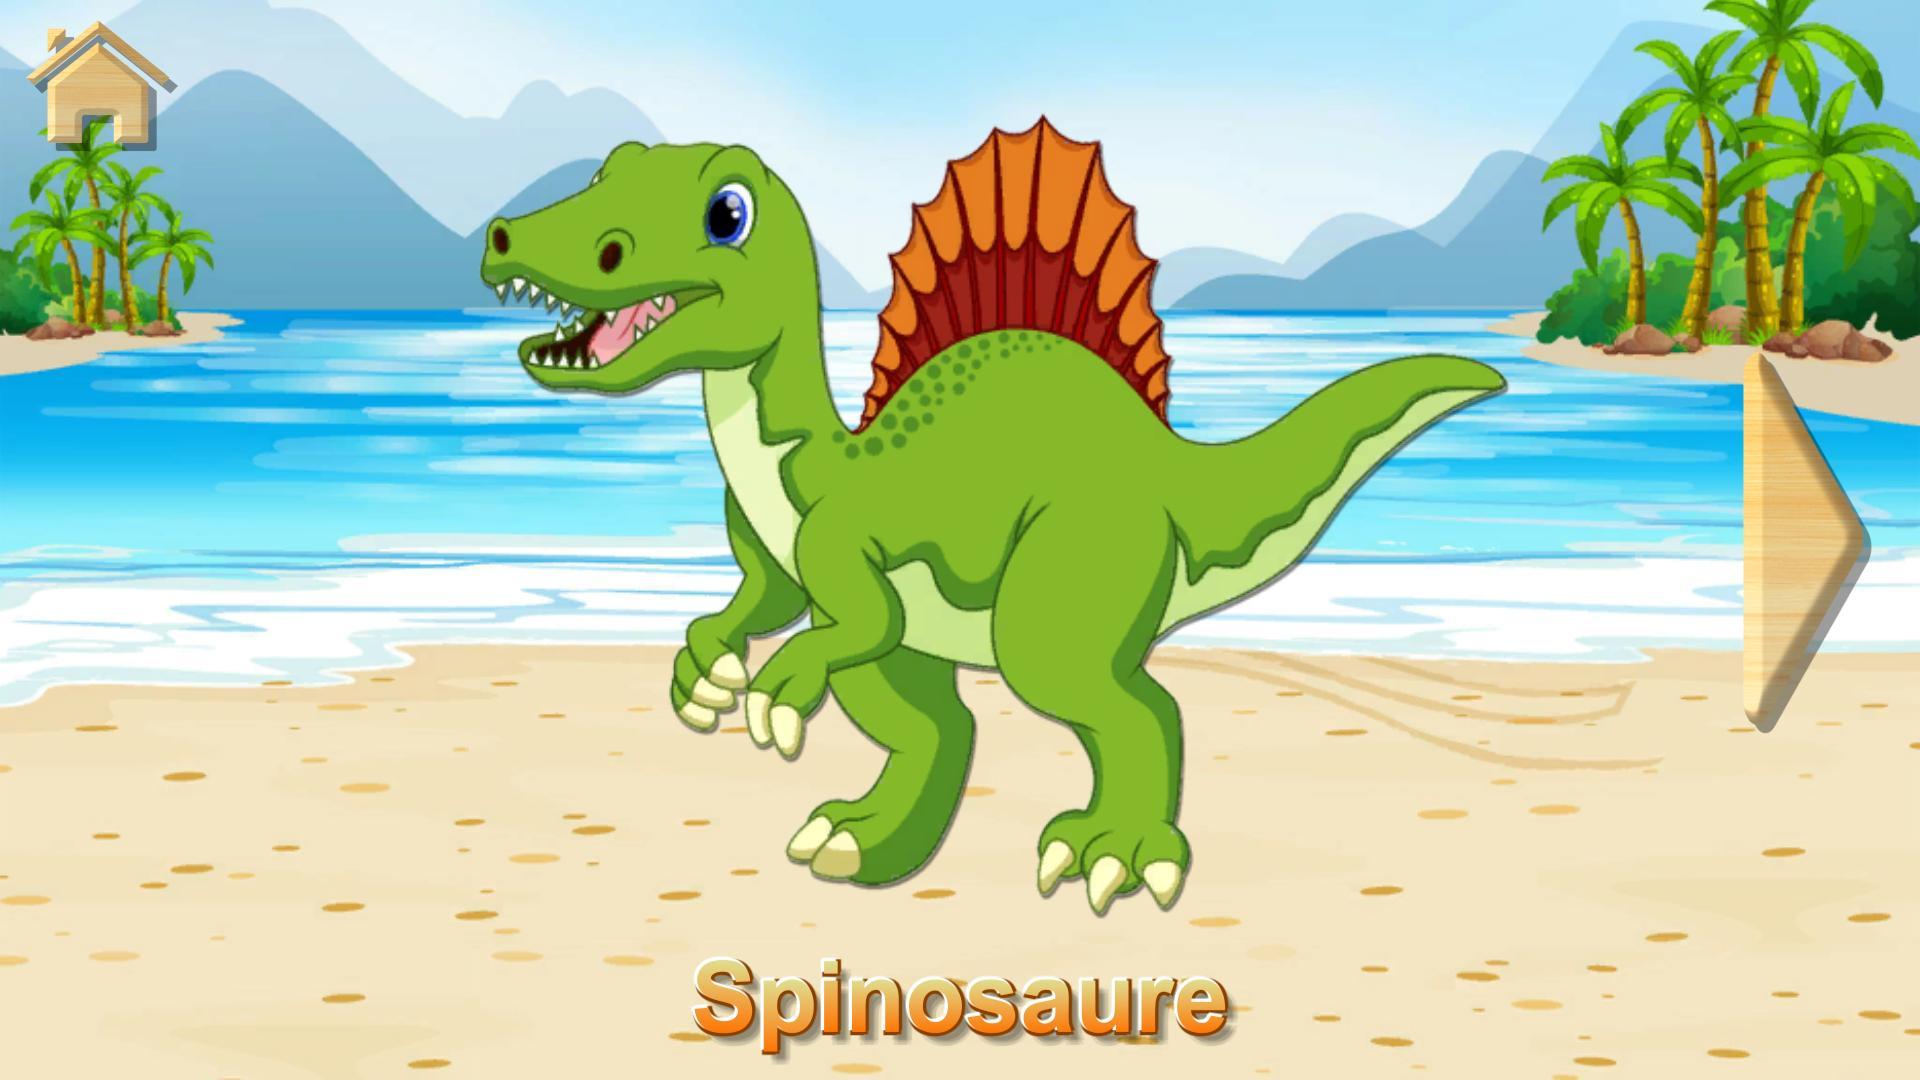 Dino Puzzle - Jeux Educatif Gratuit Pour Android dedans Jeux Educatif 5 Ans Gratuit